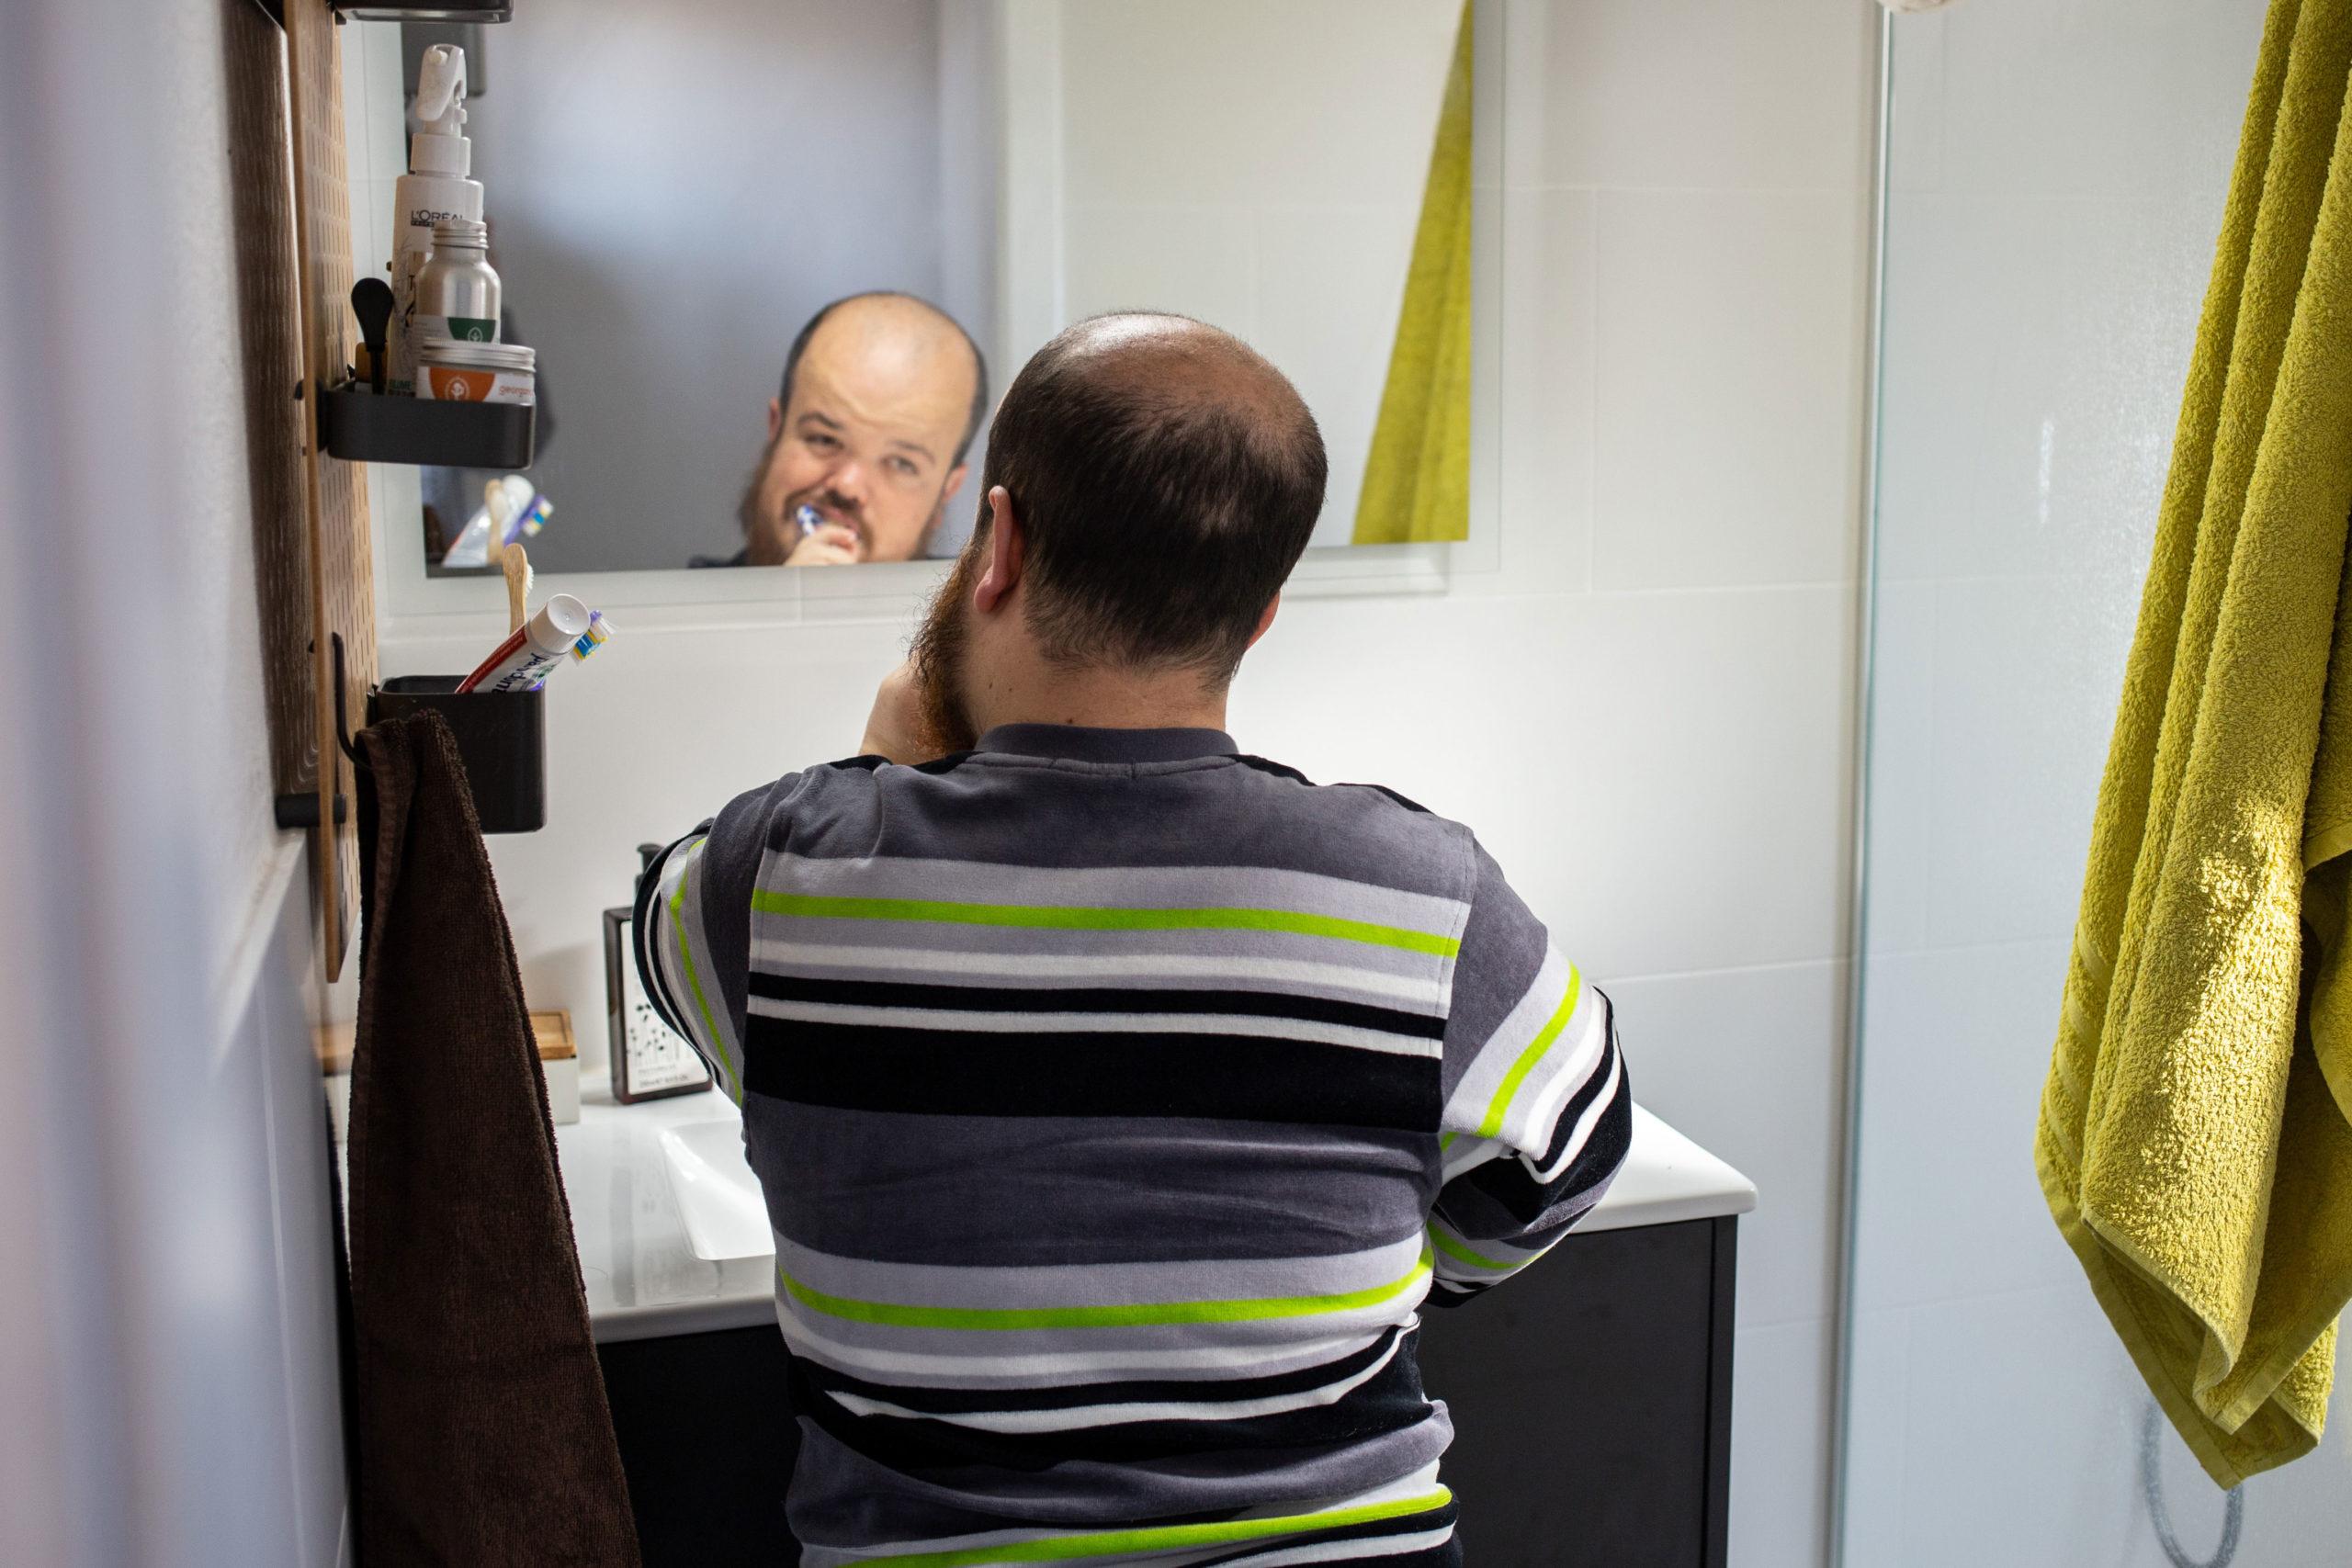 Un noi es raspatlla les dents mentre es mira al mirall del lavabo